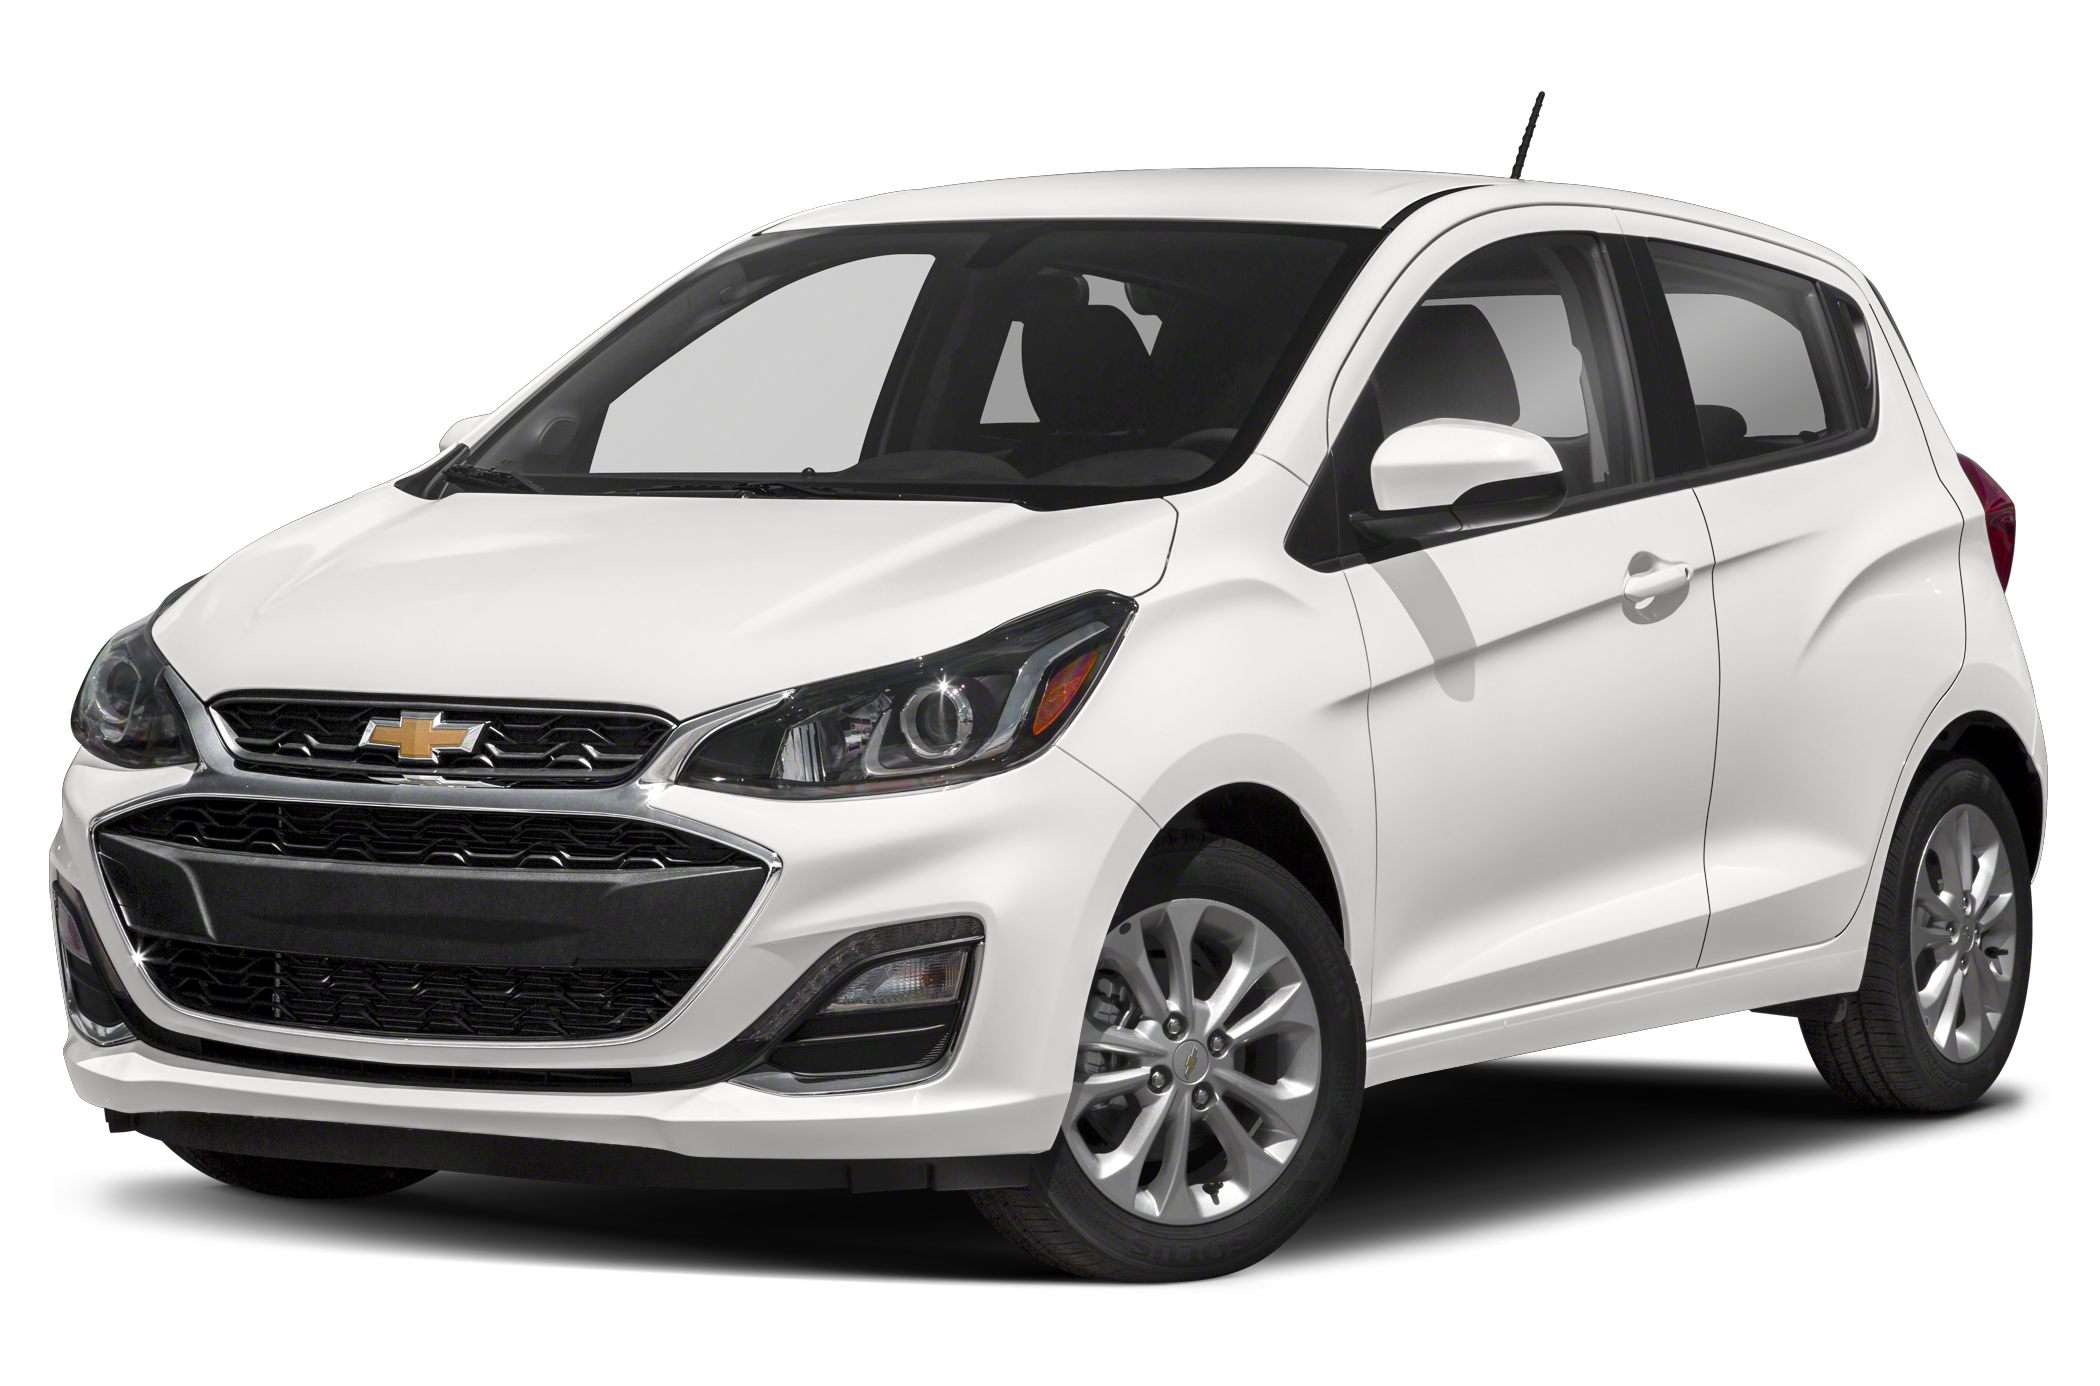 Kelebihan Kekurangan Spark Chevrolet 2019 Top Model Tahun Ini